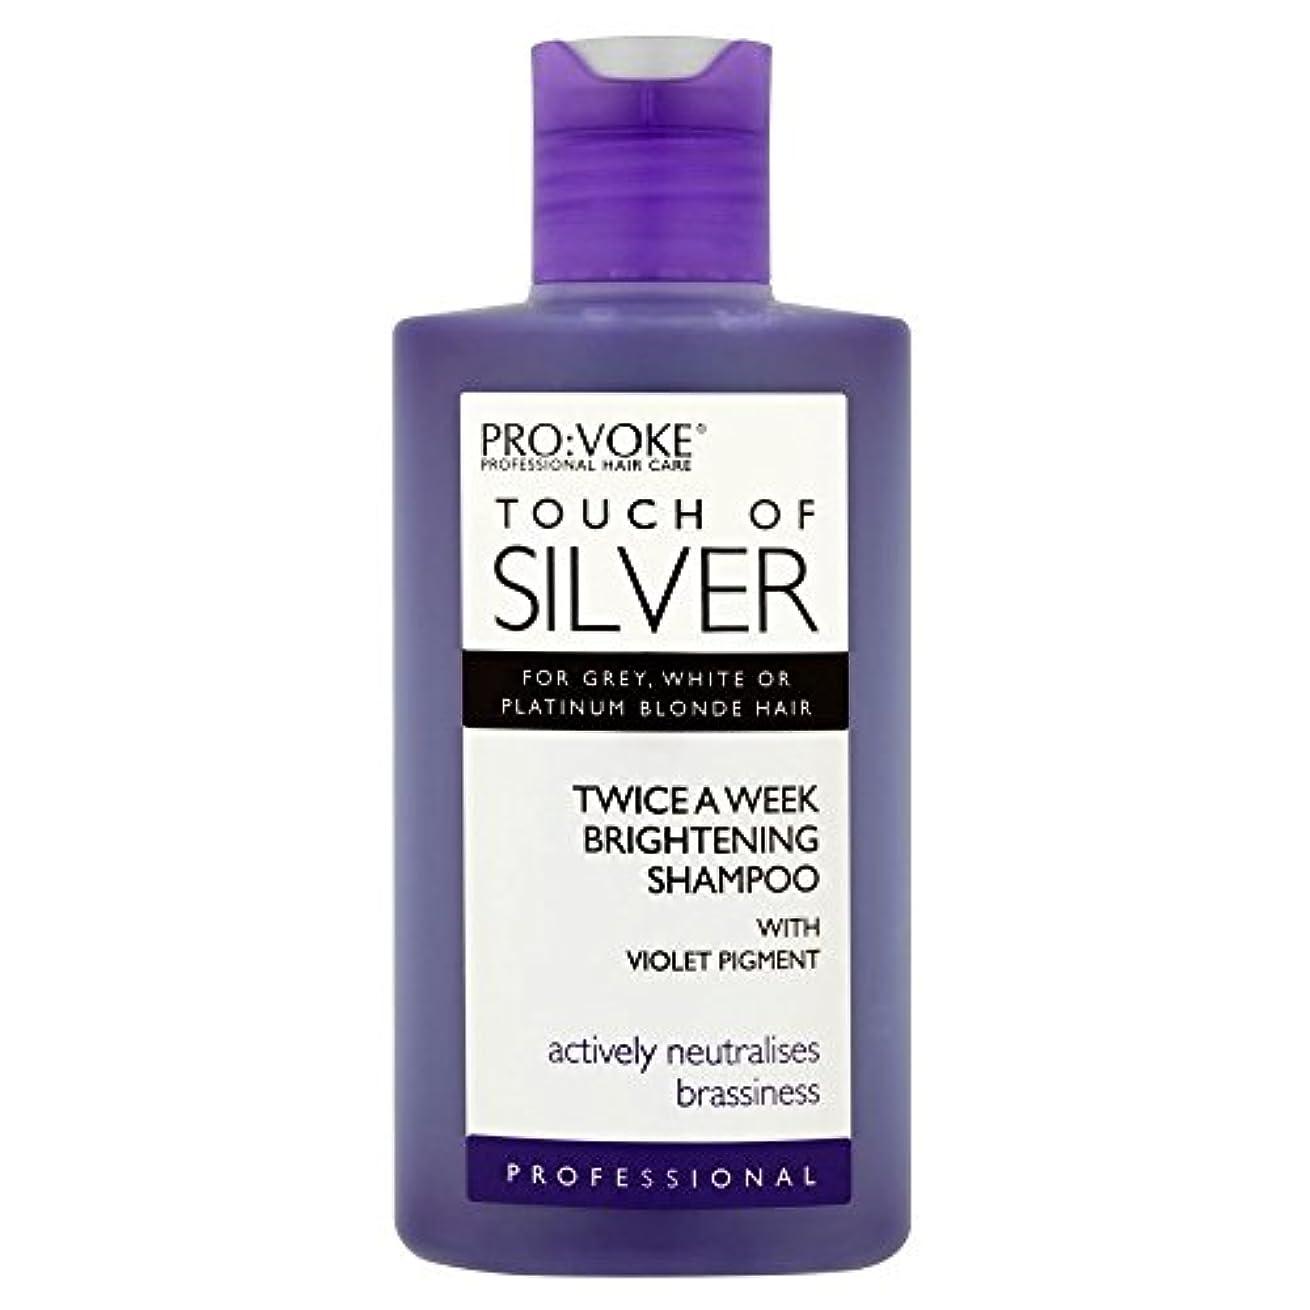 サルベージどっち増幅Pro:voke Touch of Silver Professional Twice a Week Brightening Shampoo (150ml) プロ:プロの銀二回週白シャンプーのvokeタッチ( 150ミリリットル...